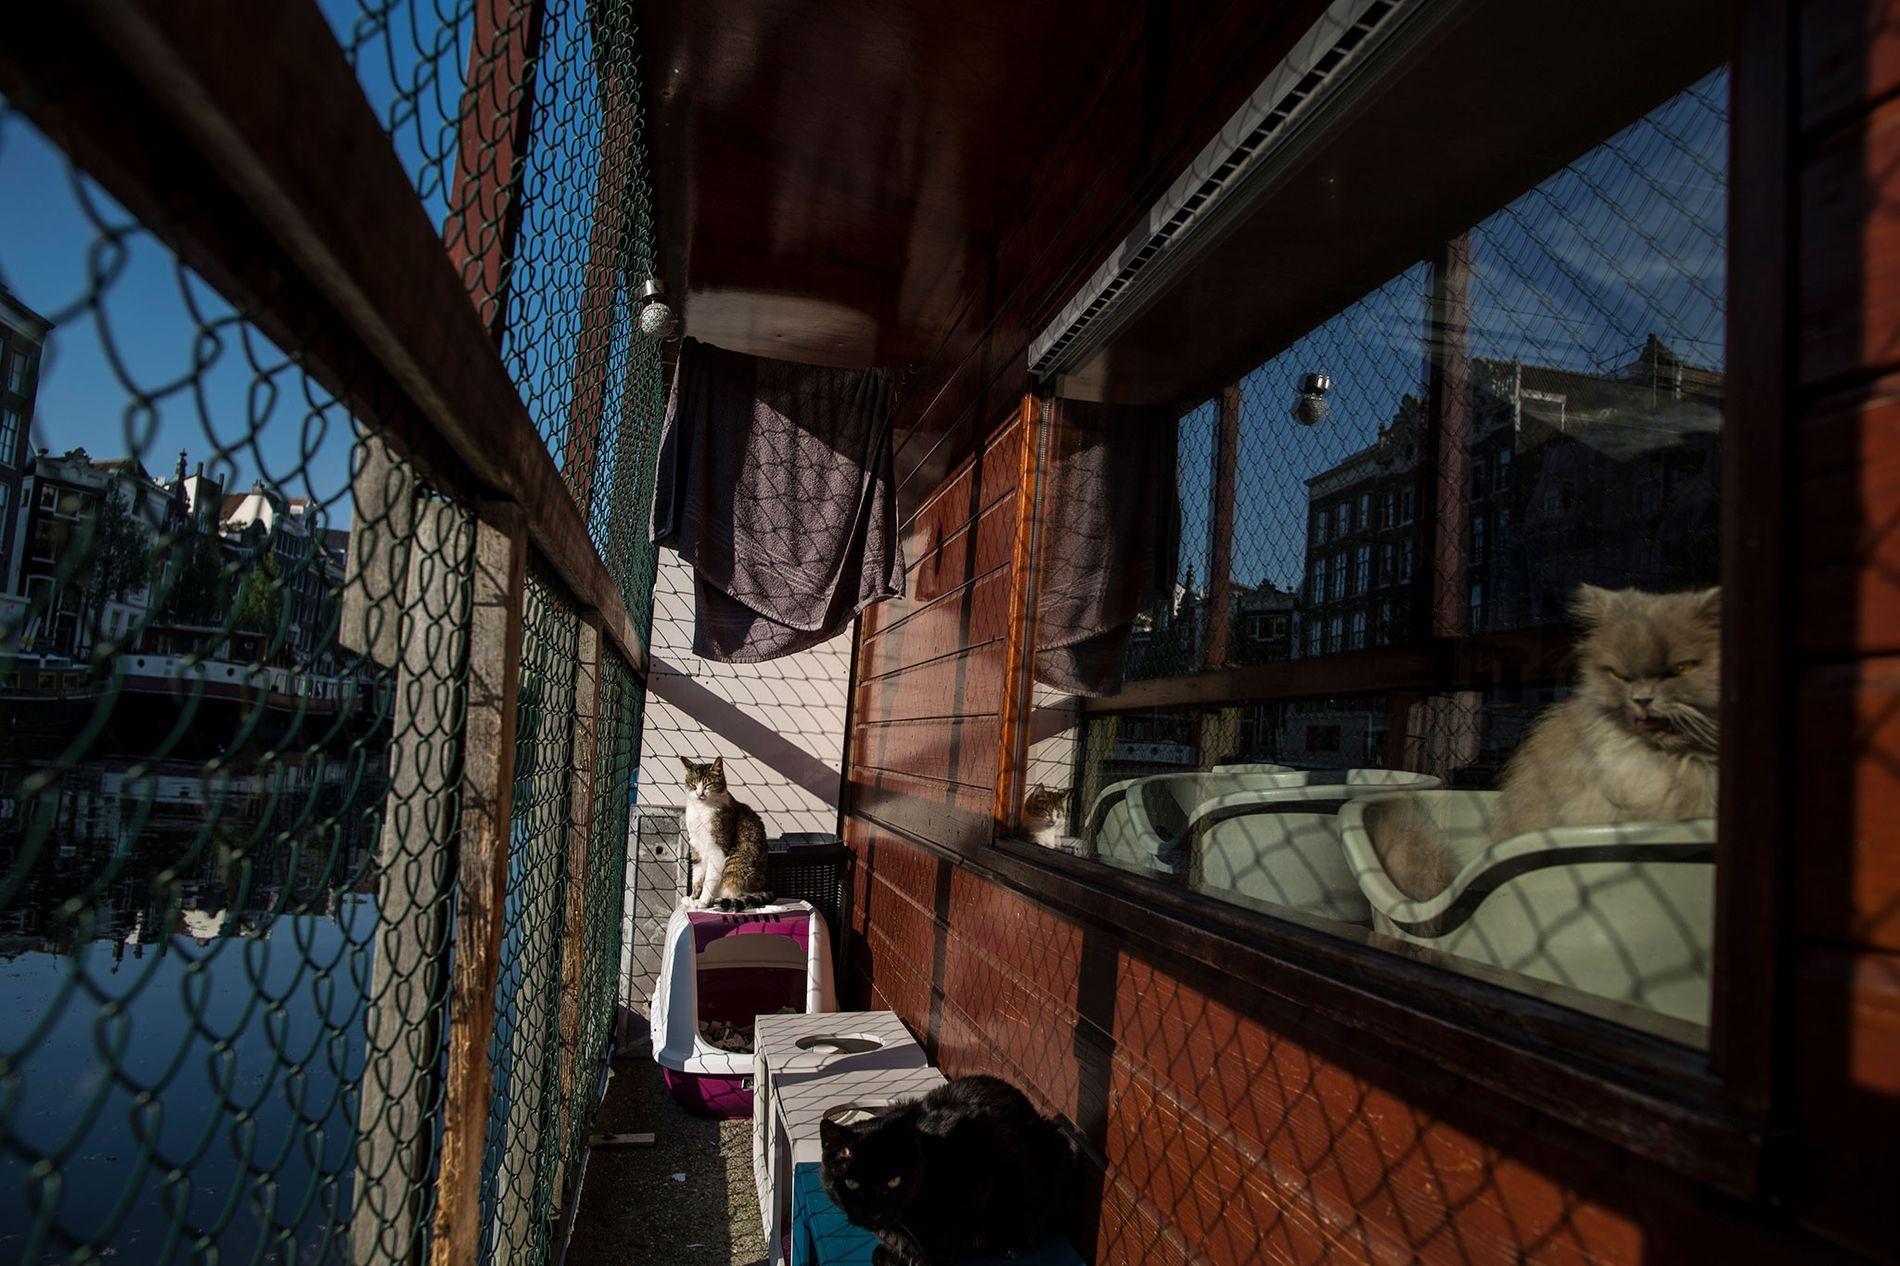 Borre, à esquerda, um macho de nove anos de idade, curte o sol no convés do Catboat enquanto Kasumi, à direita, uma fêmea de 10 anos, olha pela janela.